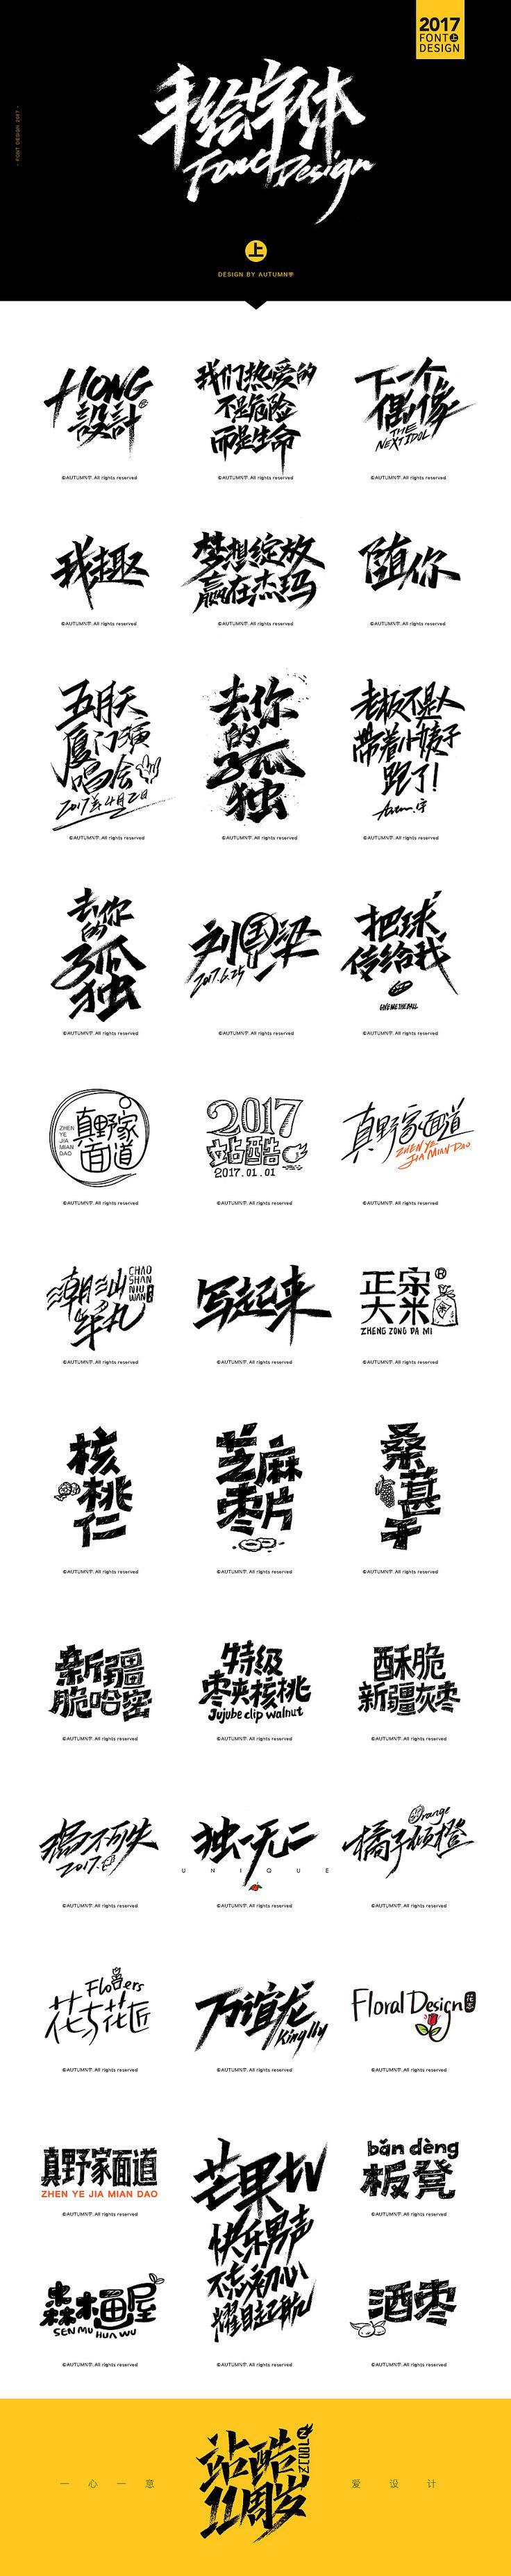 2017上半年·手绘字体作品|平面|字体/字形|姚天宇_         - 原创作品 - 站酷 (ZCOOL)